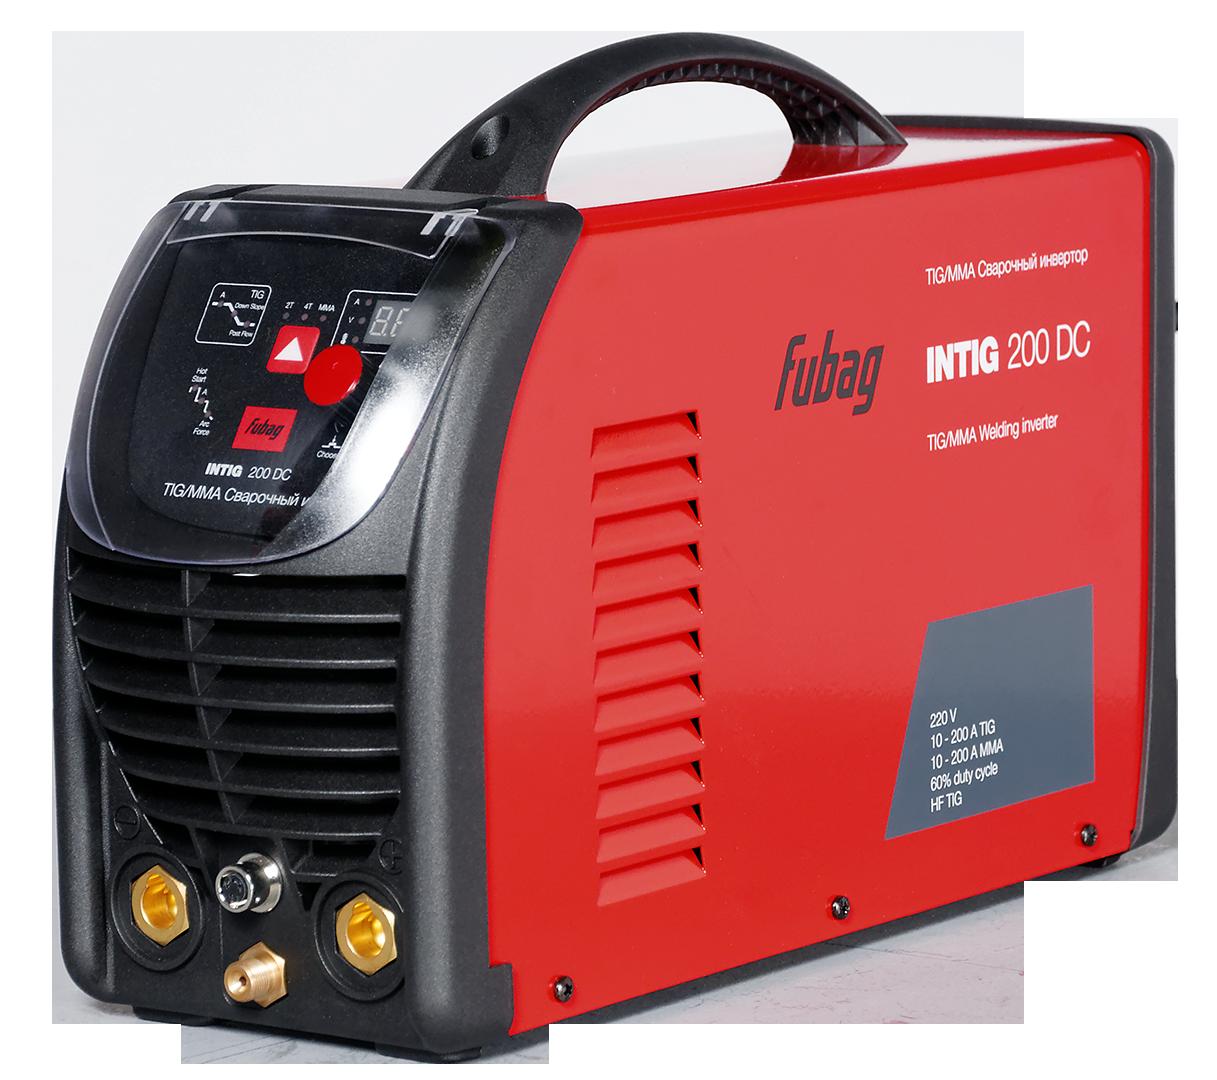 Инвертор сварочный INTIG 200 DC + горелка FB TIG 26 5P 4m